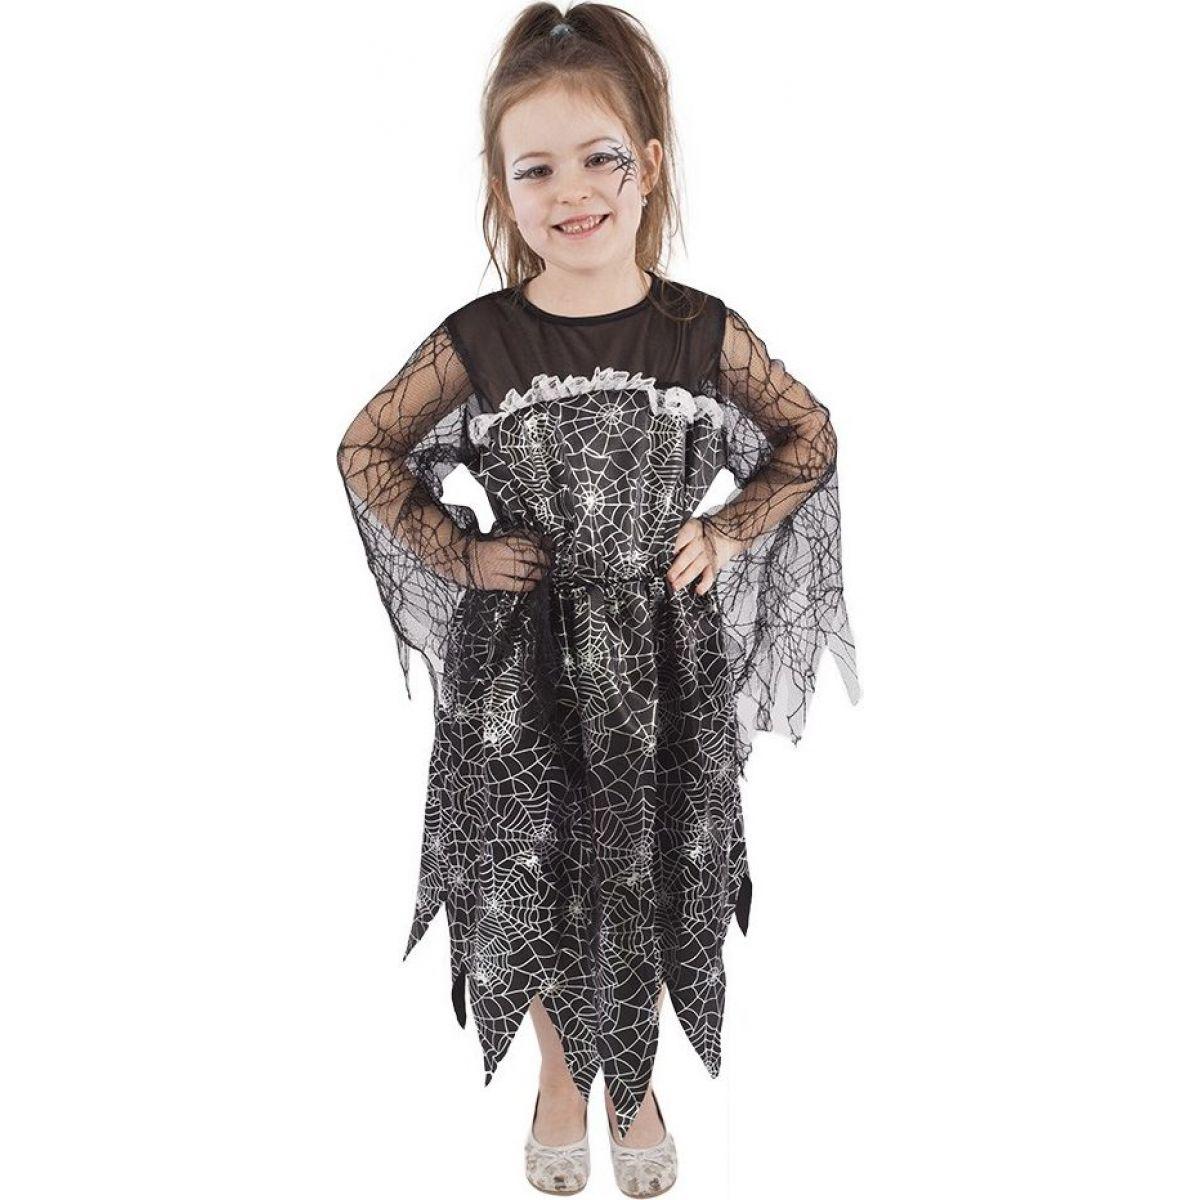 Rappa Karnevalový kostým čarodějnice halloween vel. S RAPPA